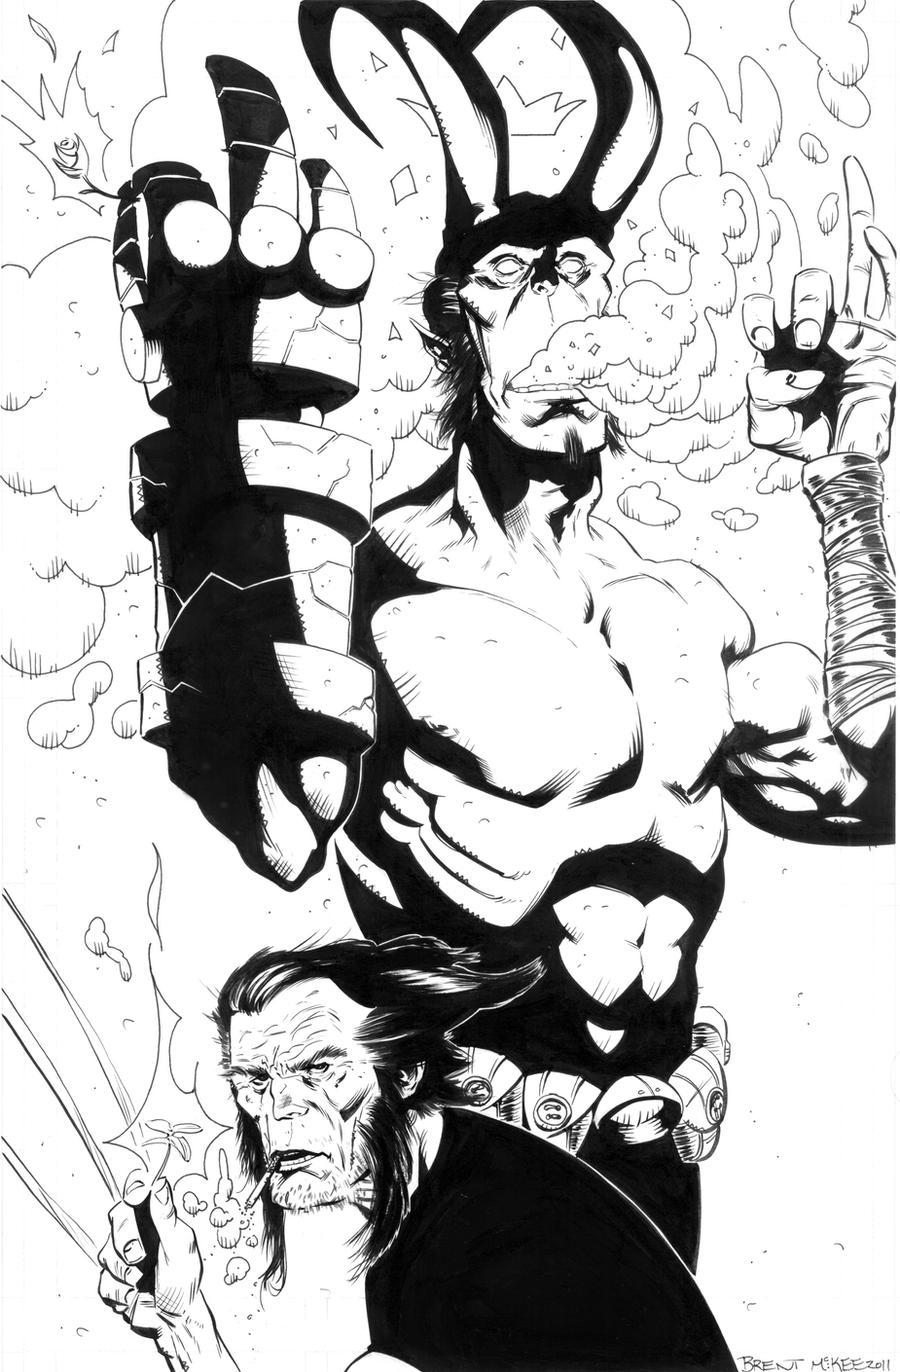 hellboy logan 4 inks by BrentMcKee